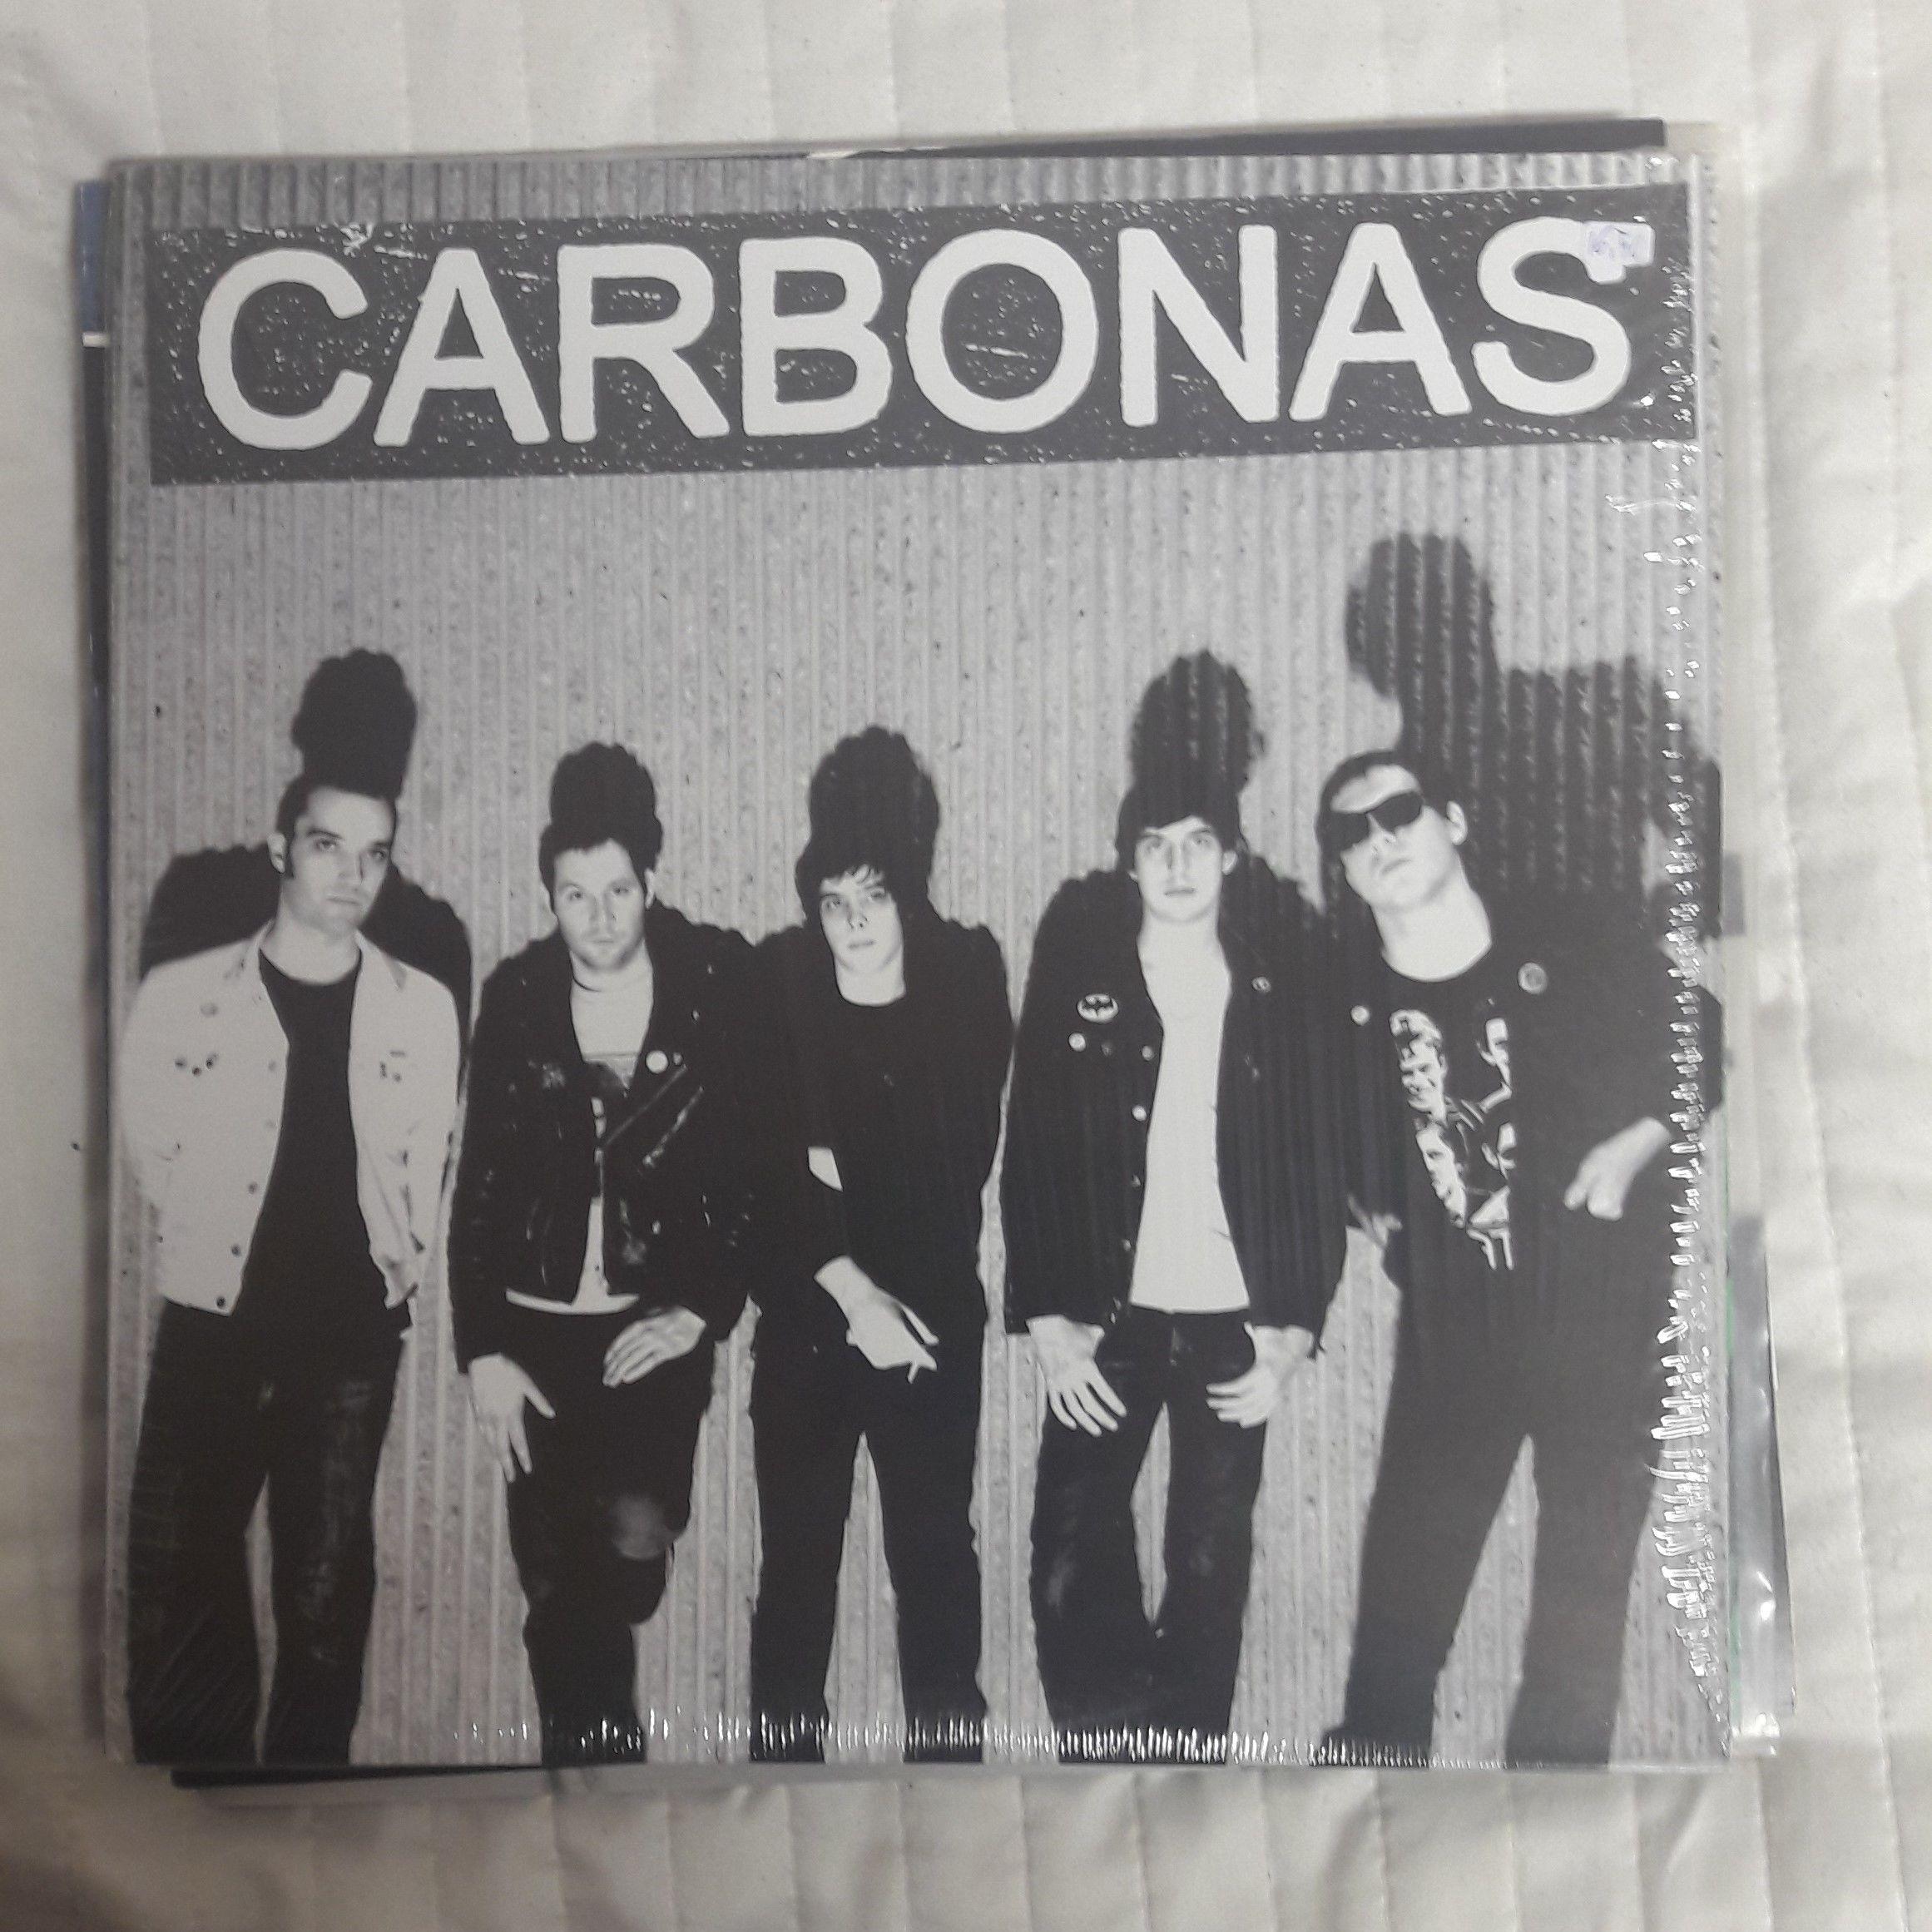 Carbonas Carbonas LP undefined